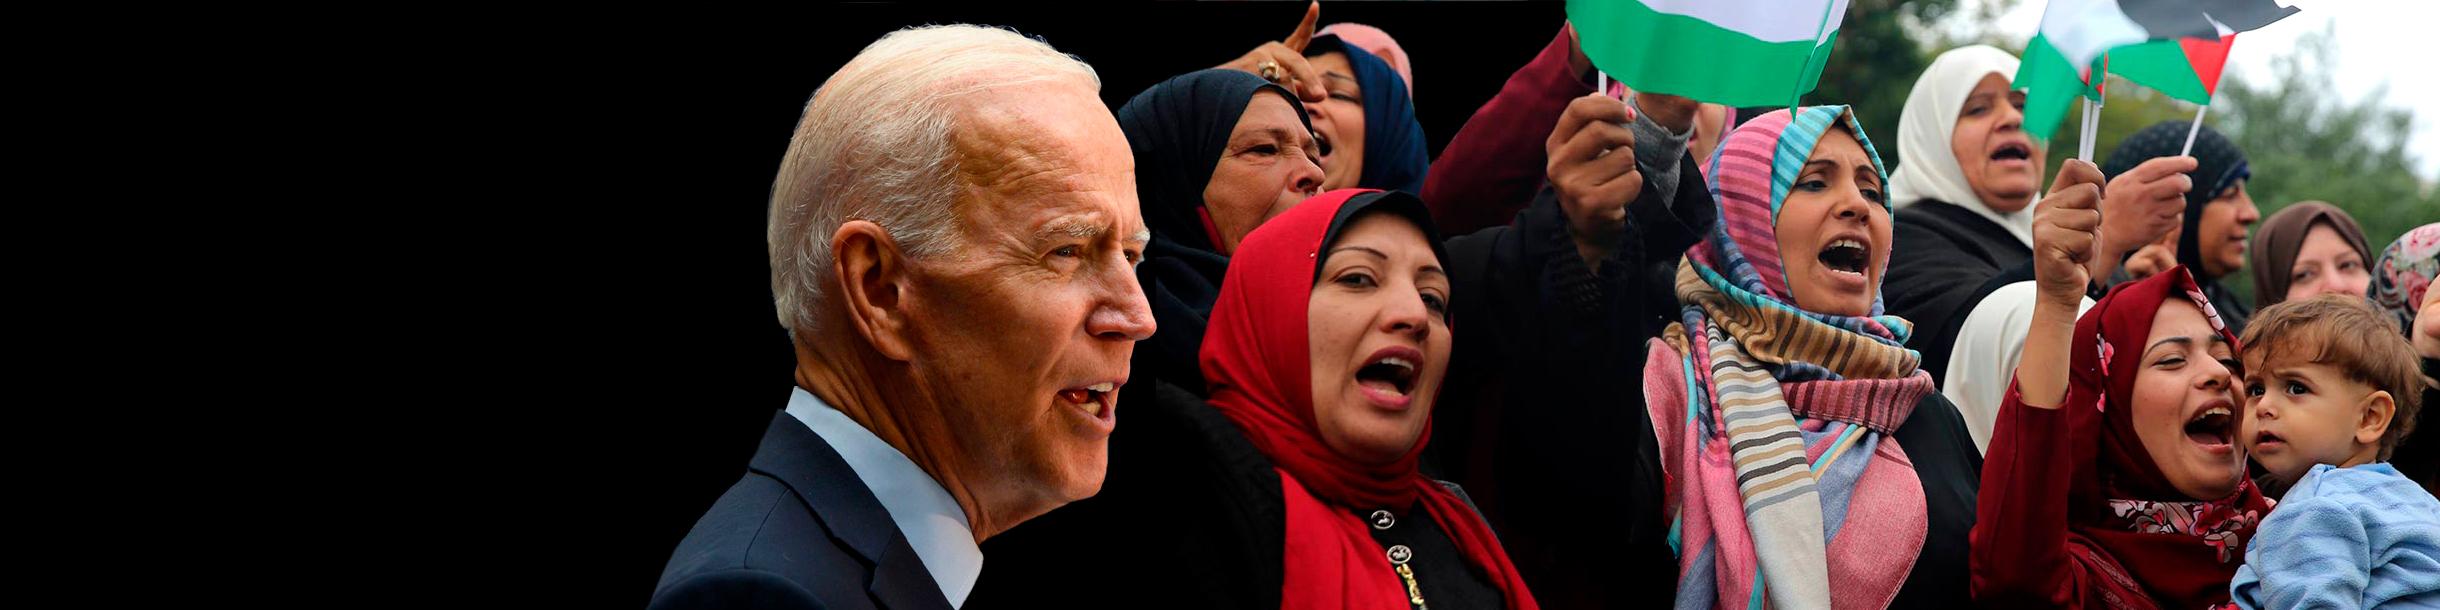 Dear Joe Biden